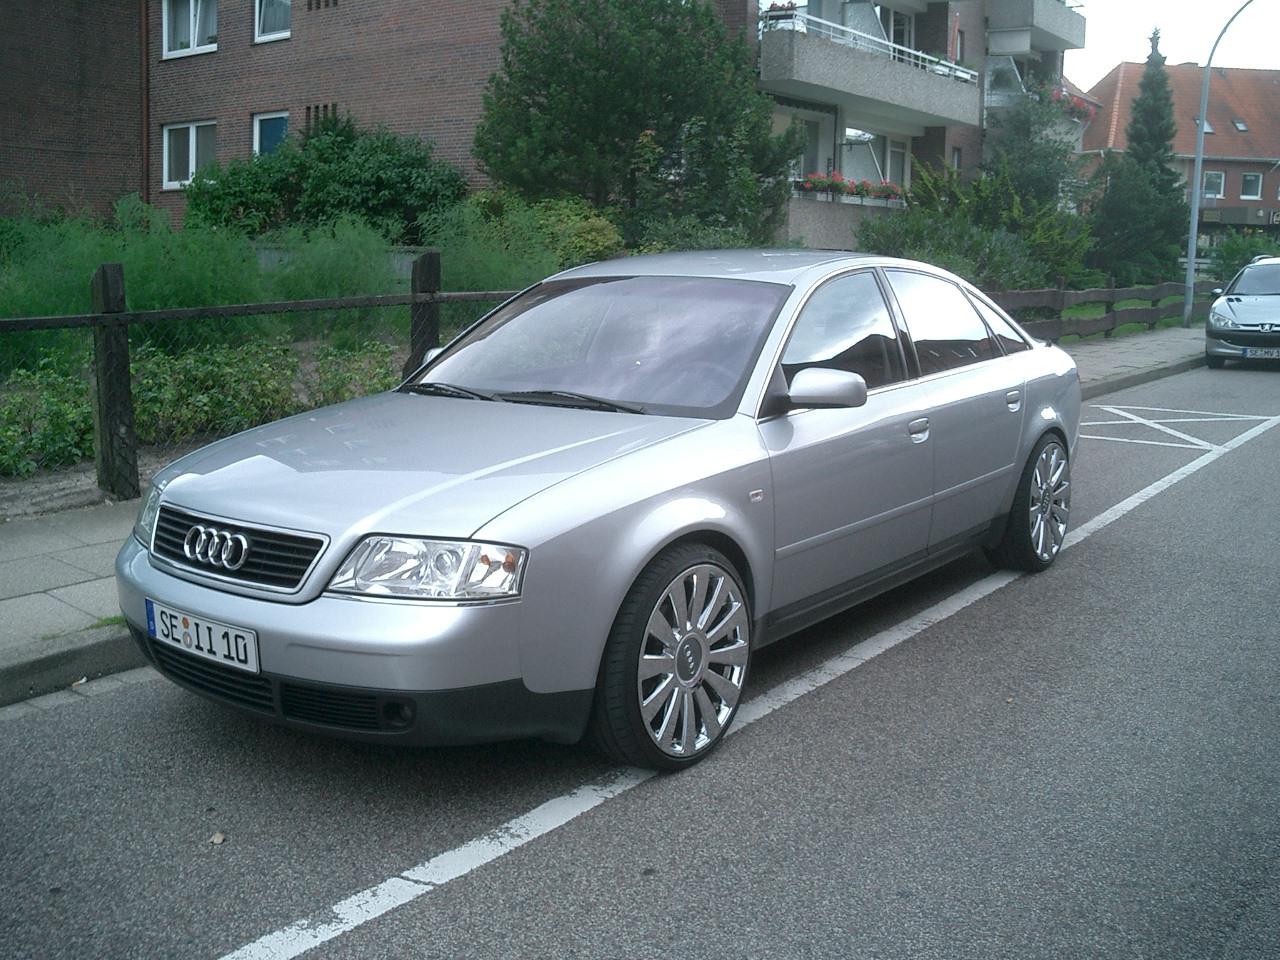 Audi A6 4b C5 1 8 125 Hp